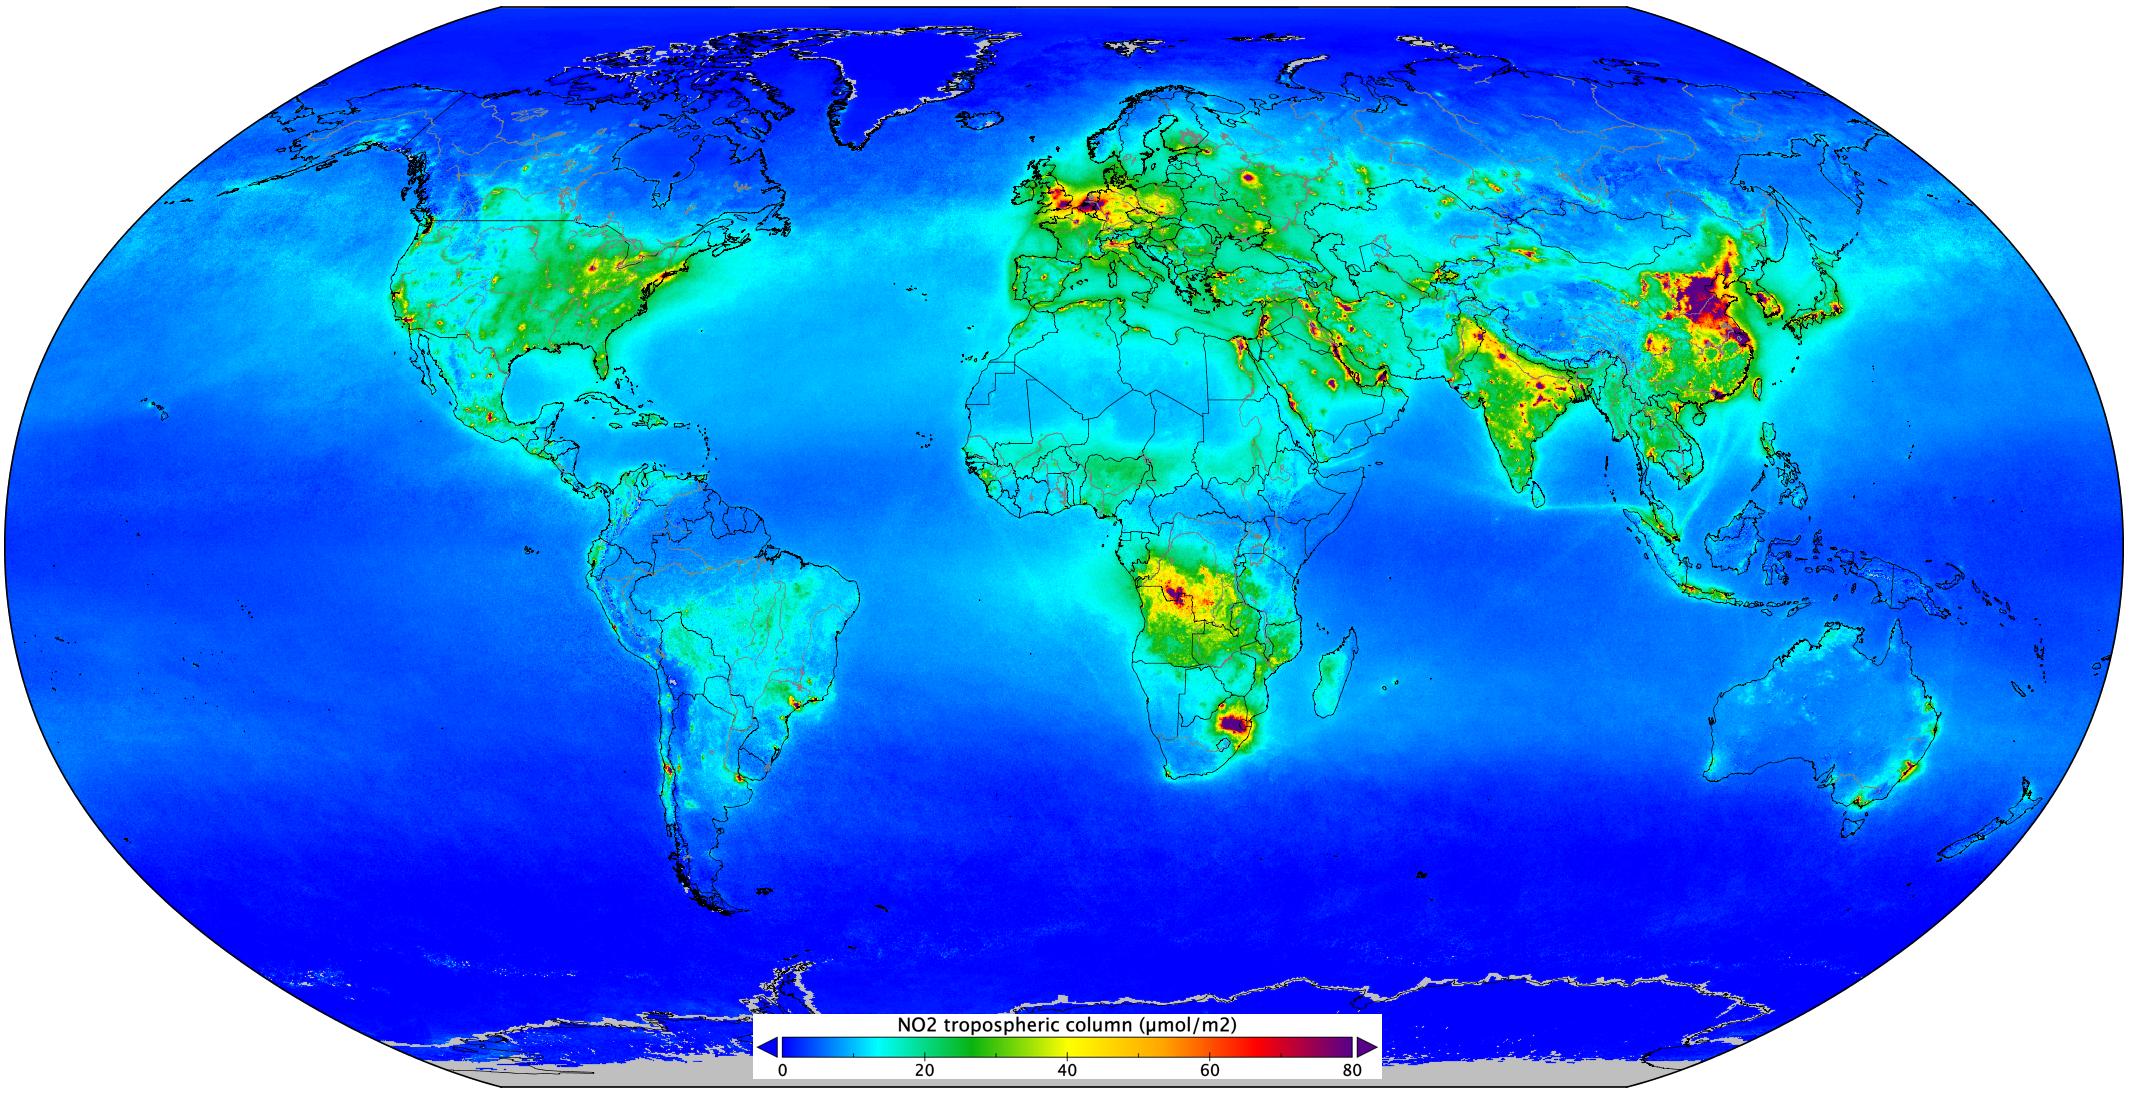 https://www.esa.int/var/esa/storage/images/esa_multimedia/images/2019/03/nitrogen_dioxide_worldwide/19272571-1-eng-GB/Nitrogen_dioxide_worldwide.png